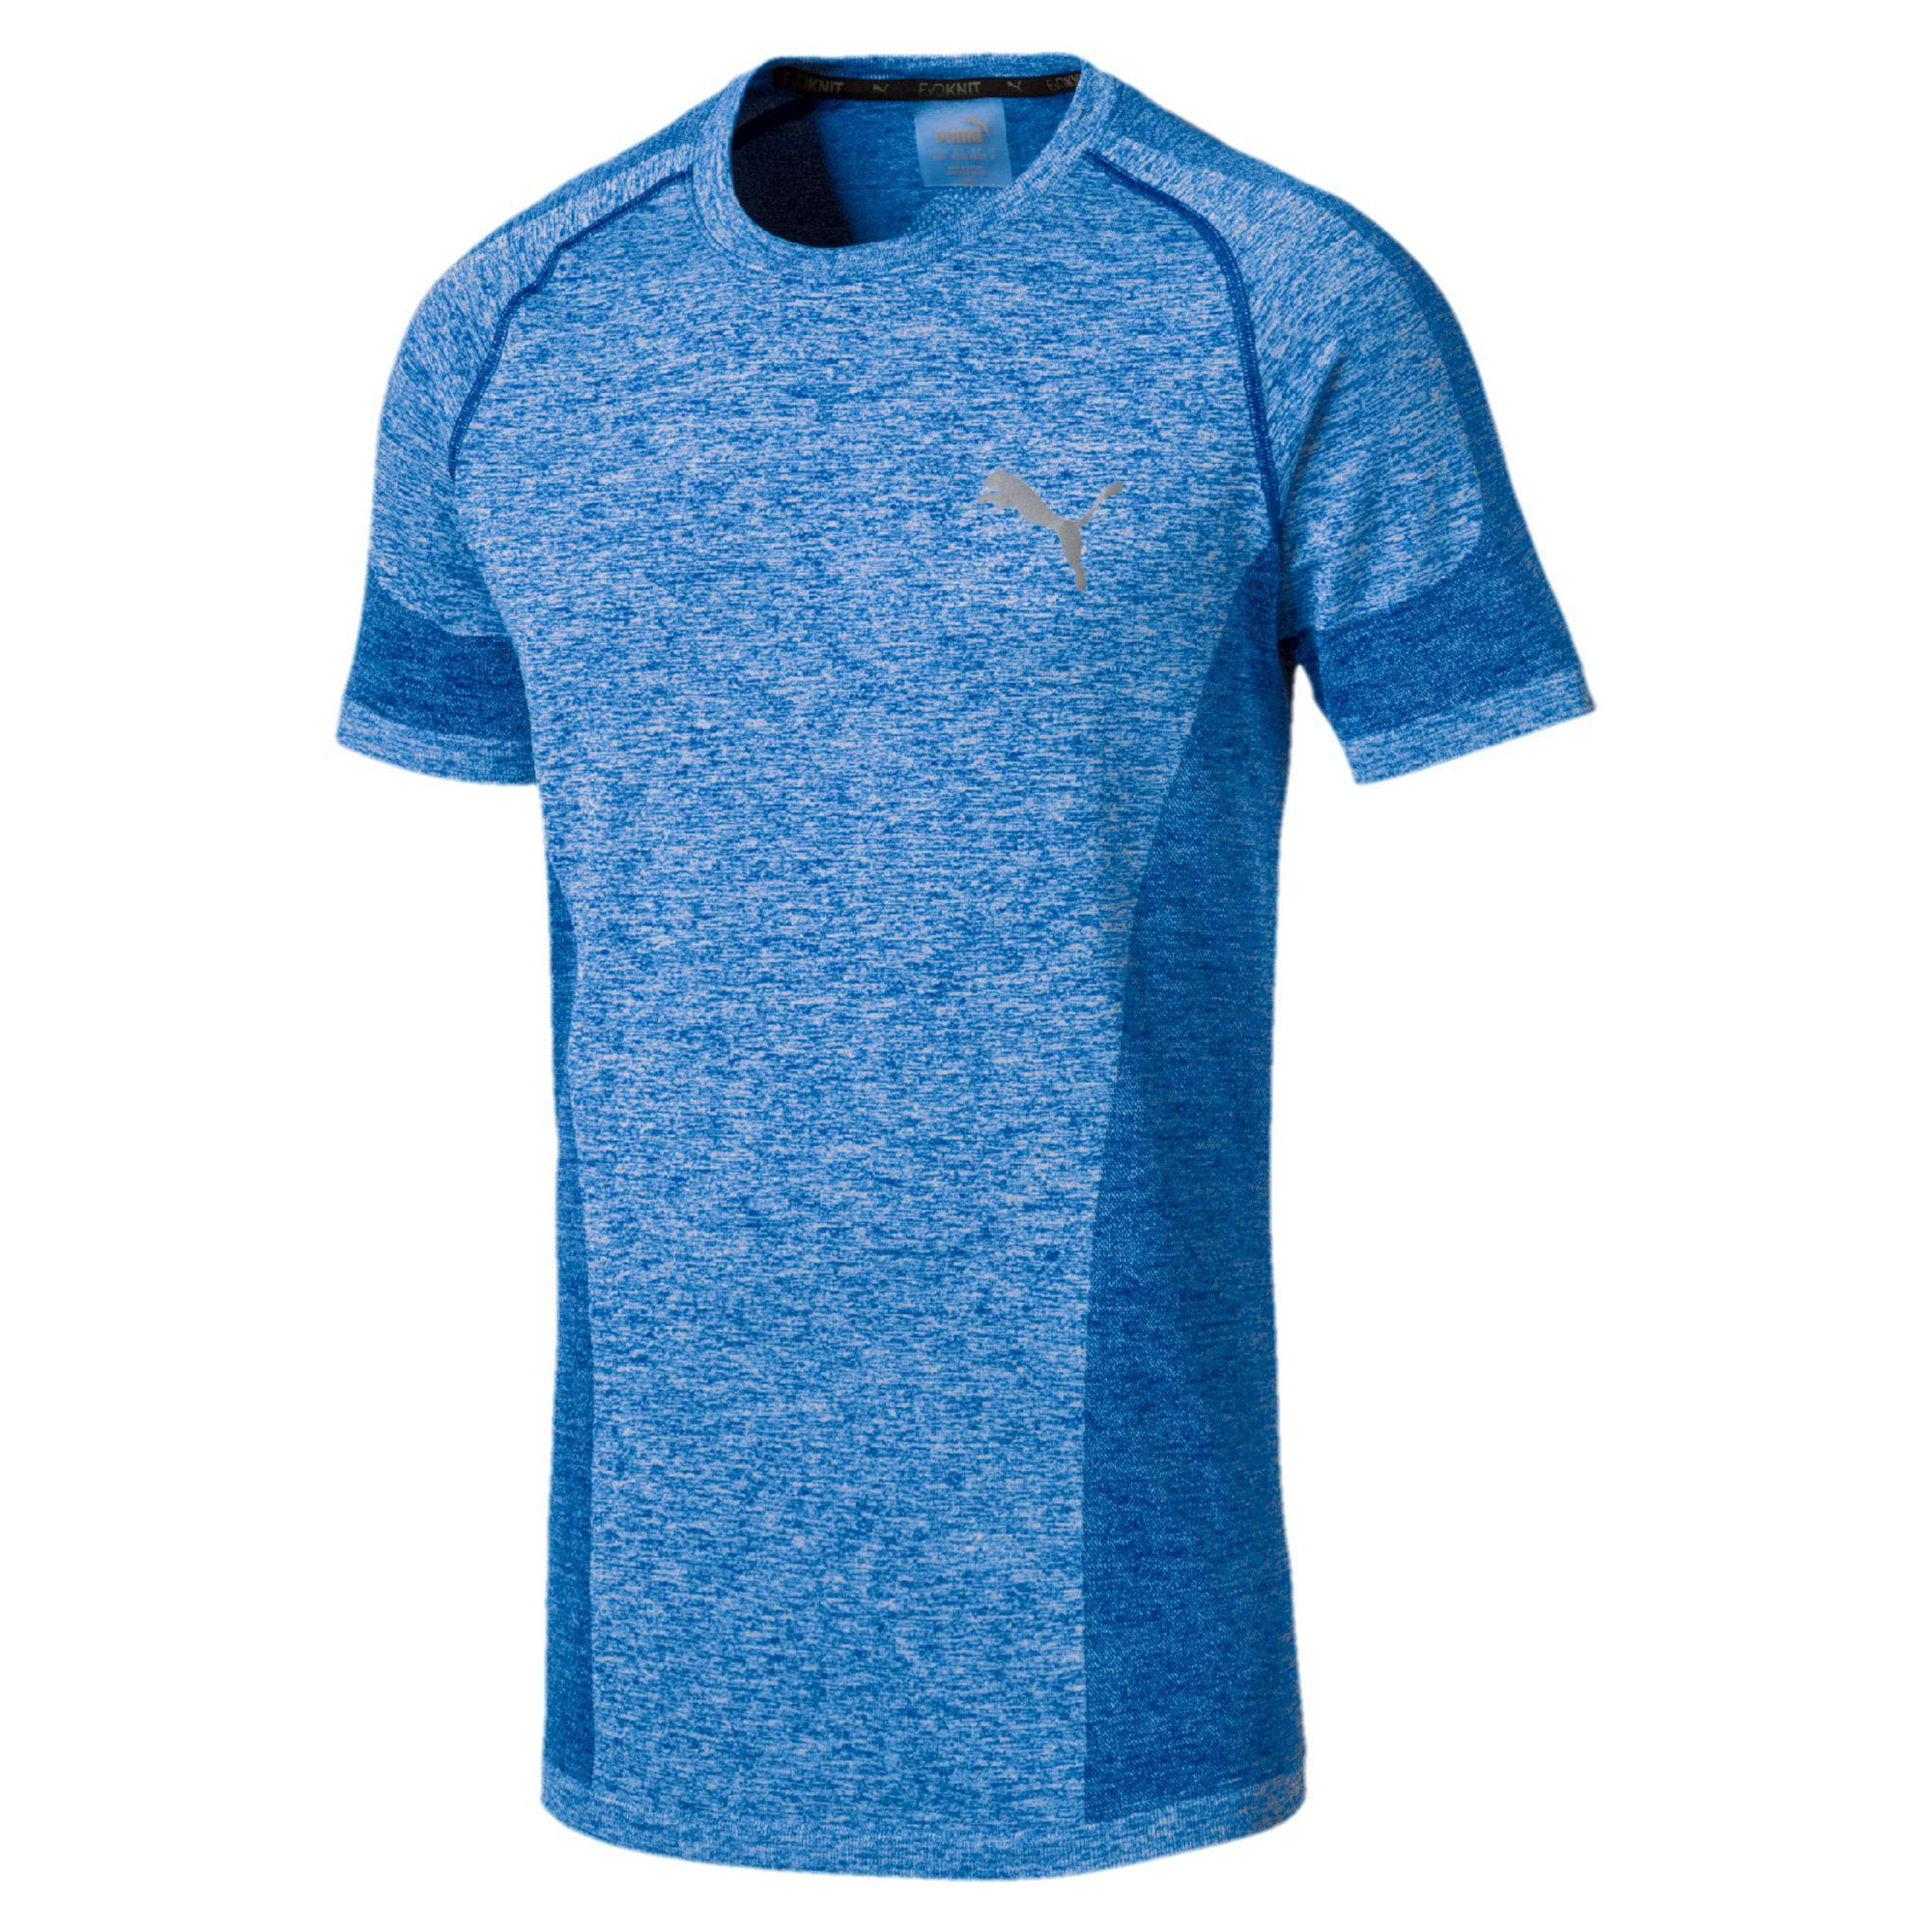 PUMA. Blue Evoknit Best Men's T-shirt